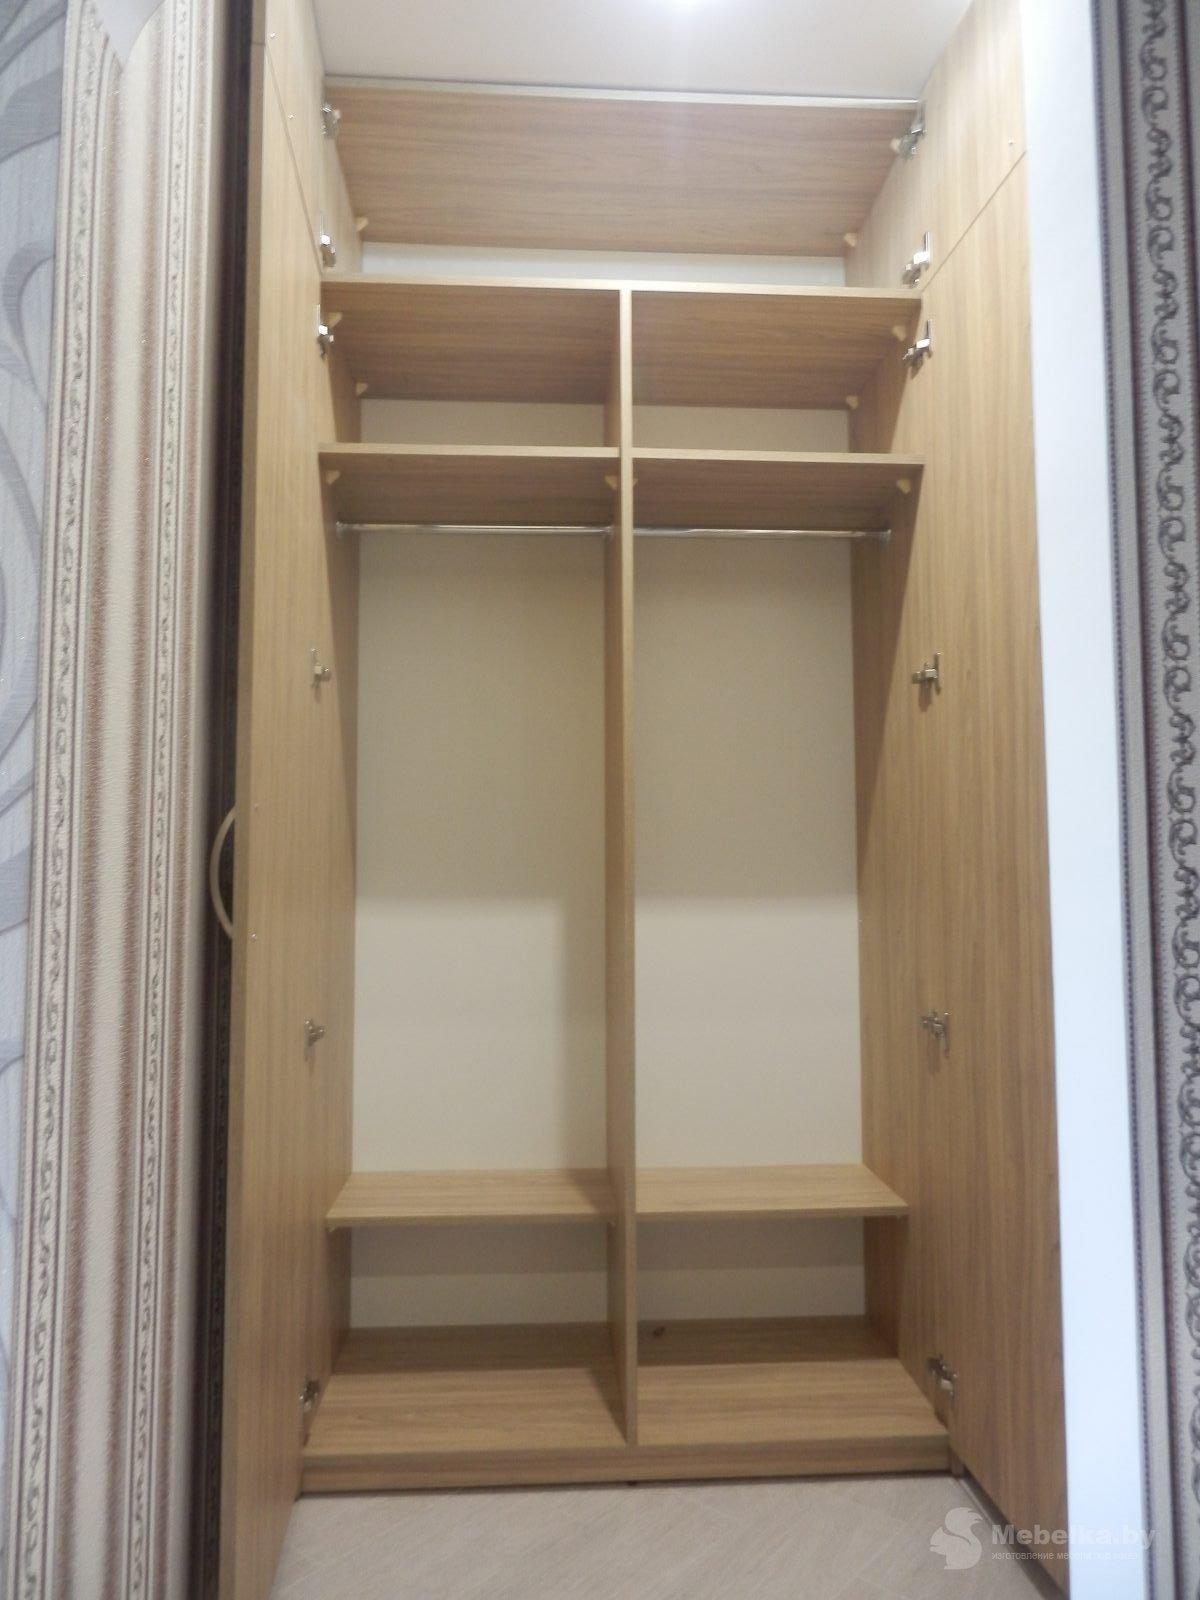 Прихожая со шкафом и антресолью, открытый шкаф